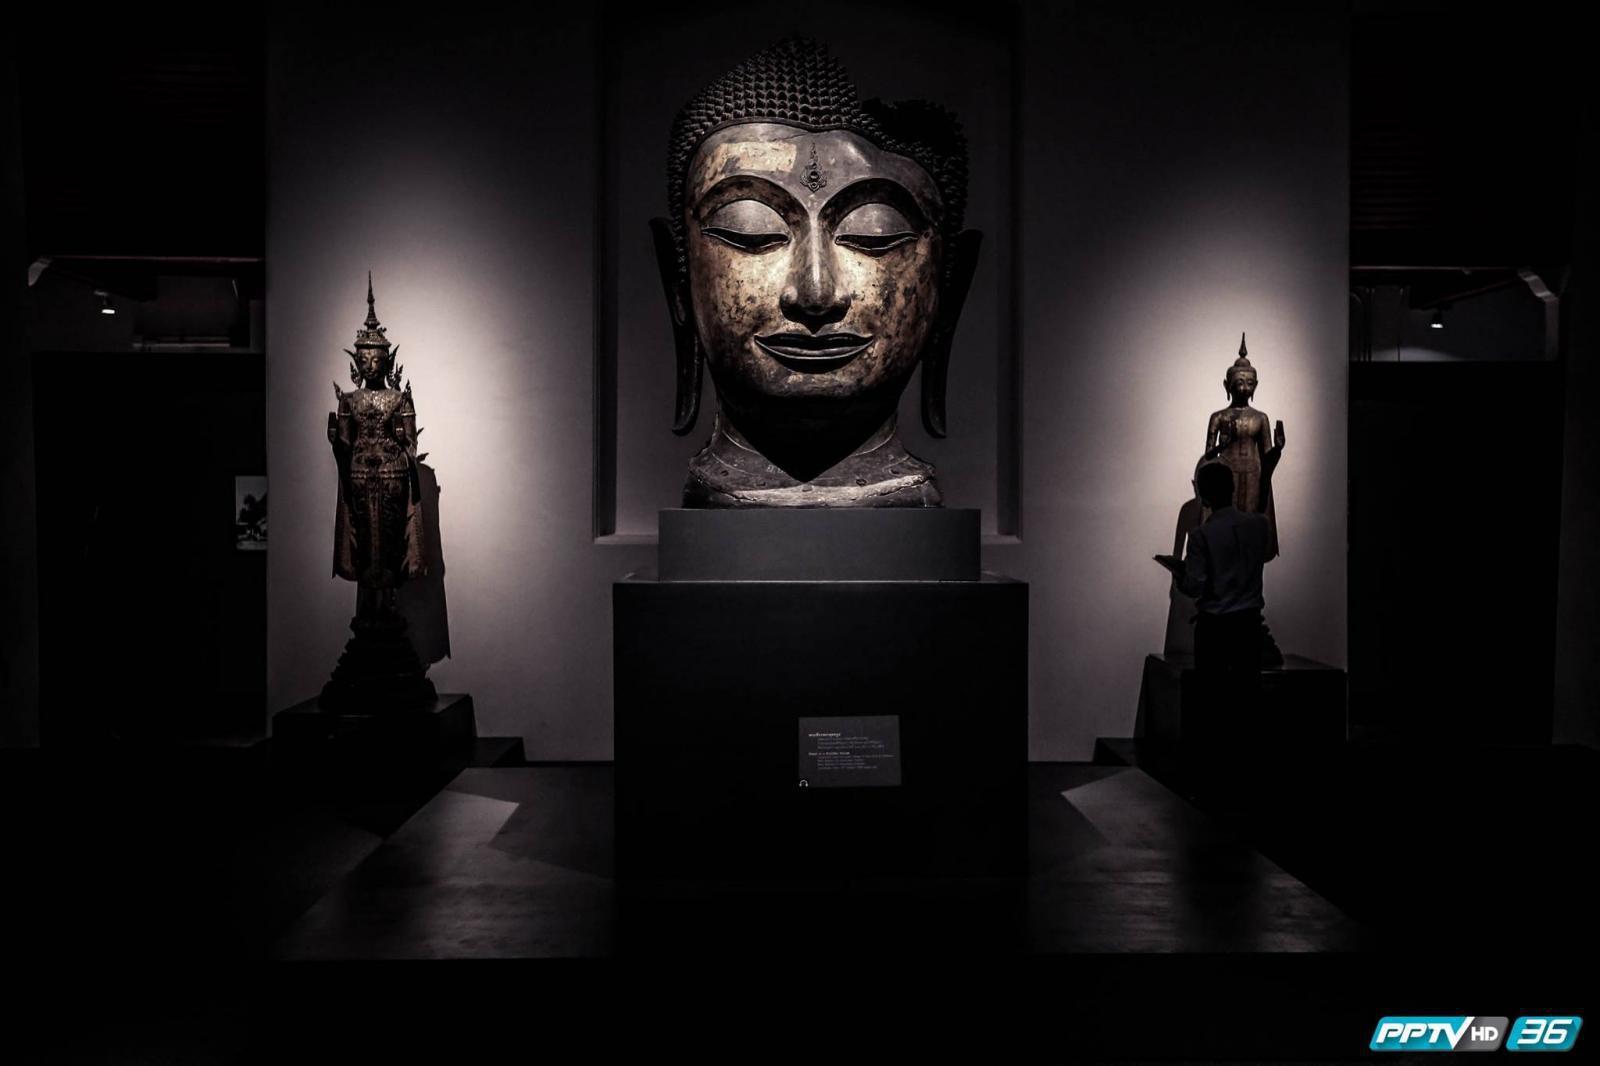 """รู้จัก.. """"ไอคอนสยาม เฮอริเทจ มิวเซียม"""" พิพิธภัณฑ์ระดับโลกแห่งแรกของไทย !!!"""